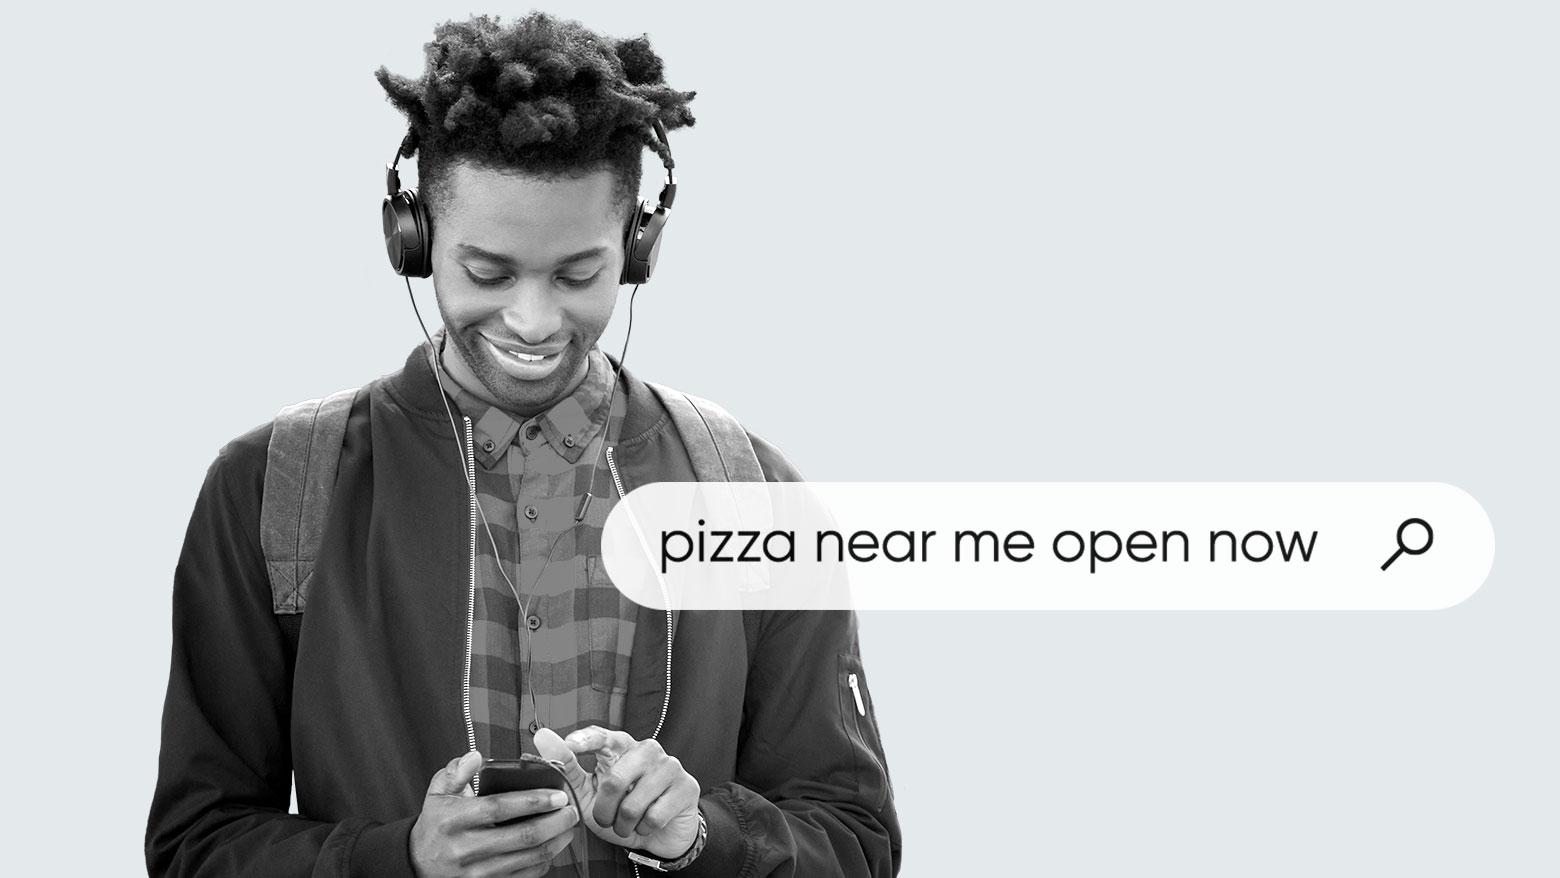 ヘッドフォンをつけ、携帯電話を使用して現在営業中の「近くのピザ屋」を検索する男性